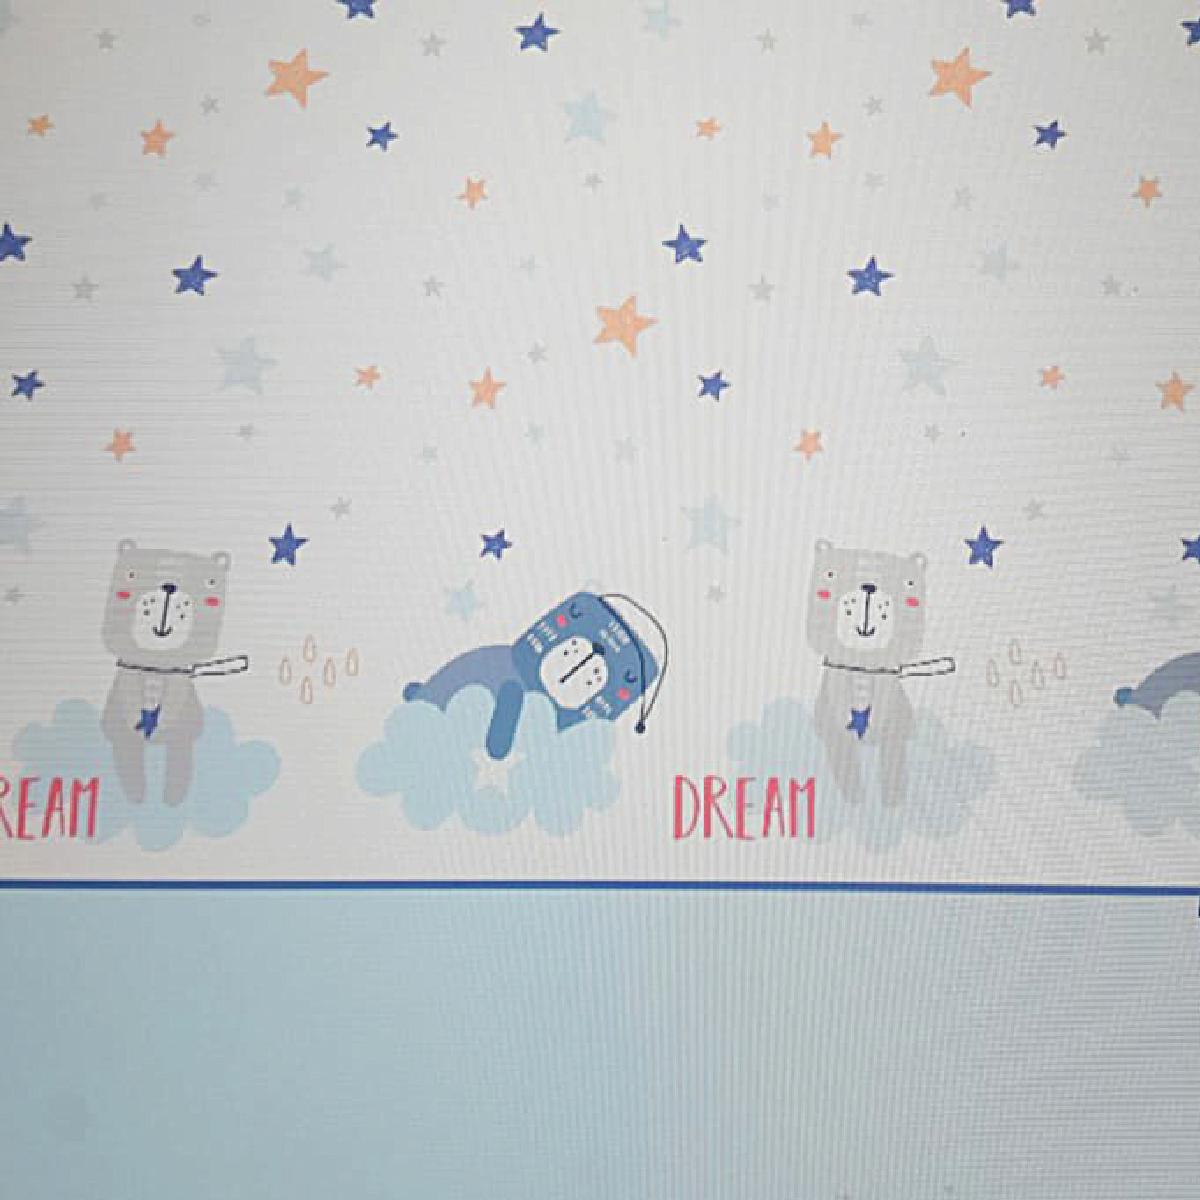 Osos dream